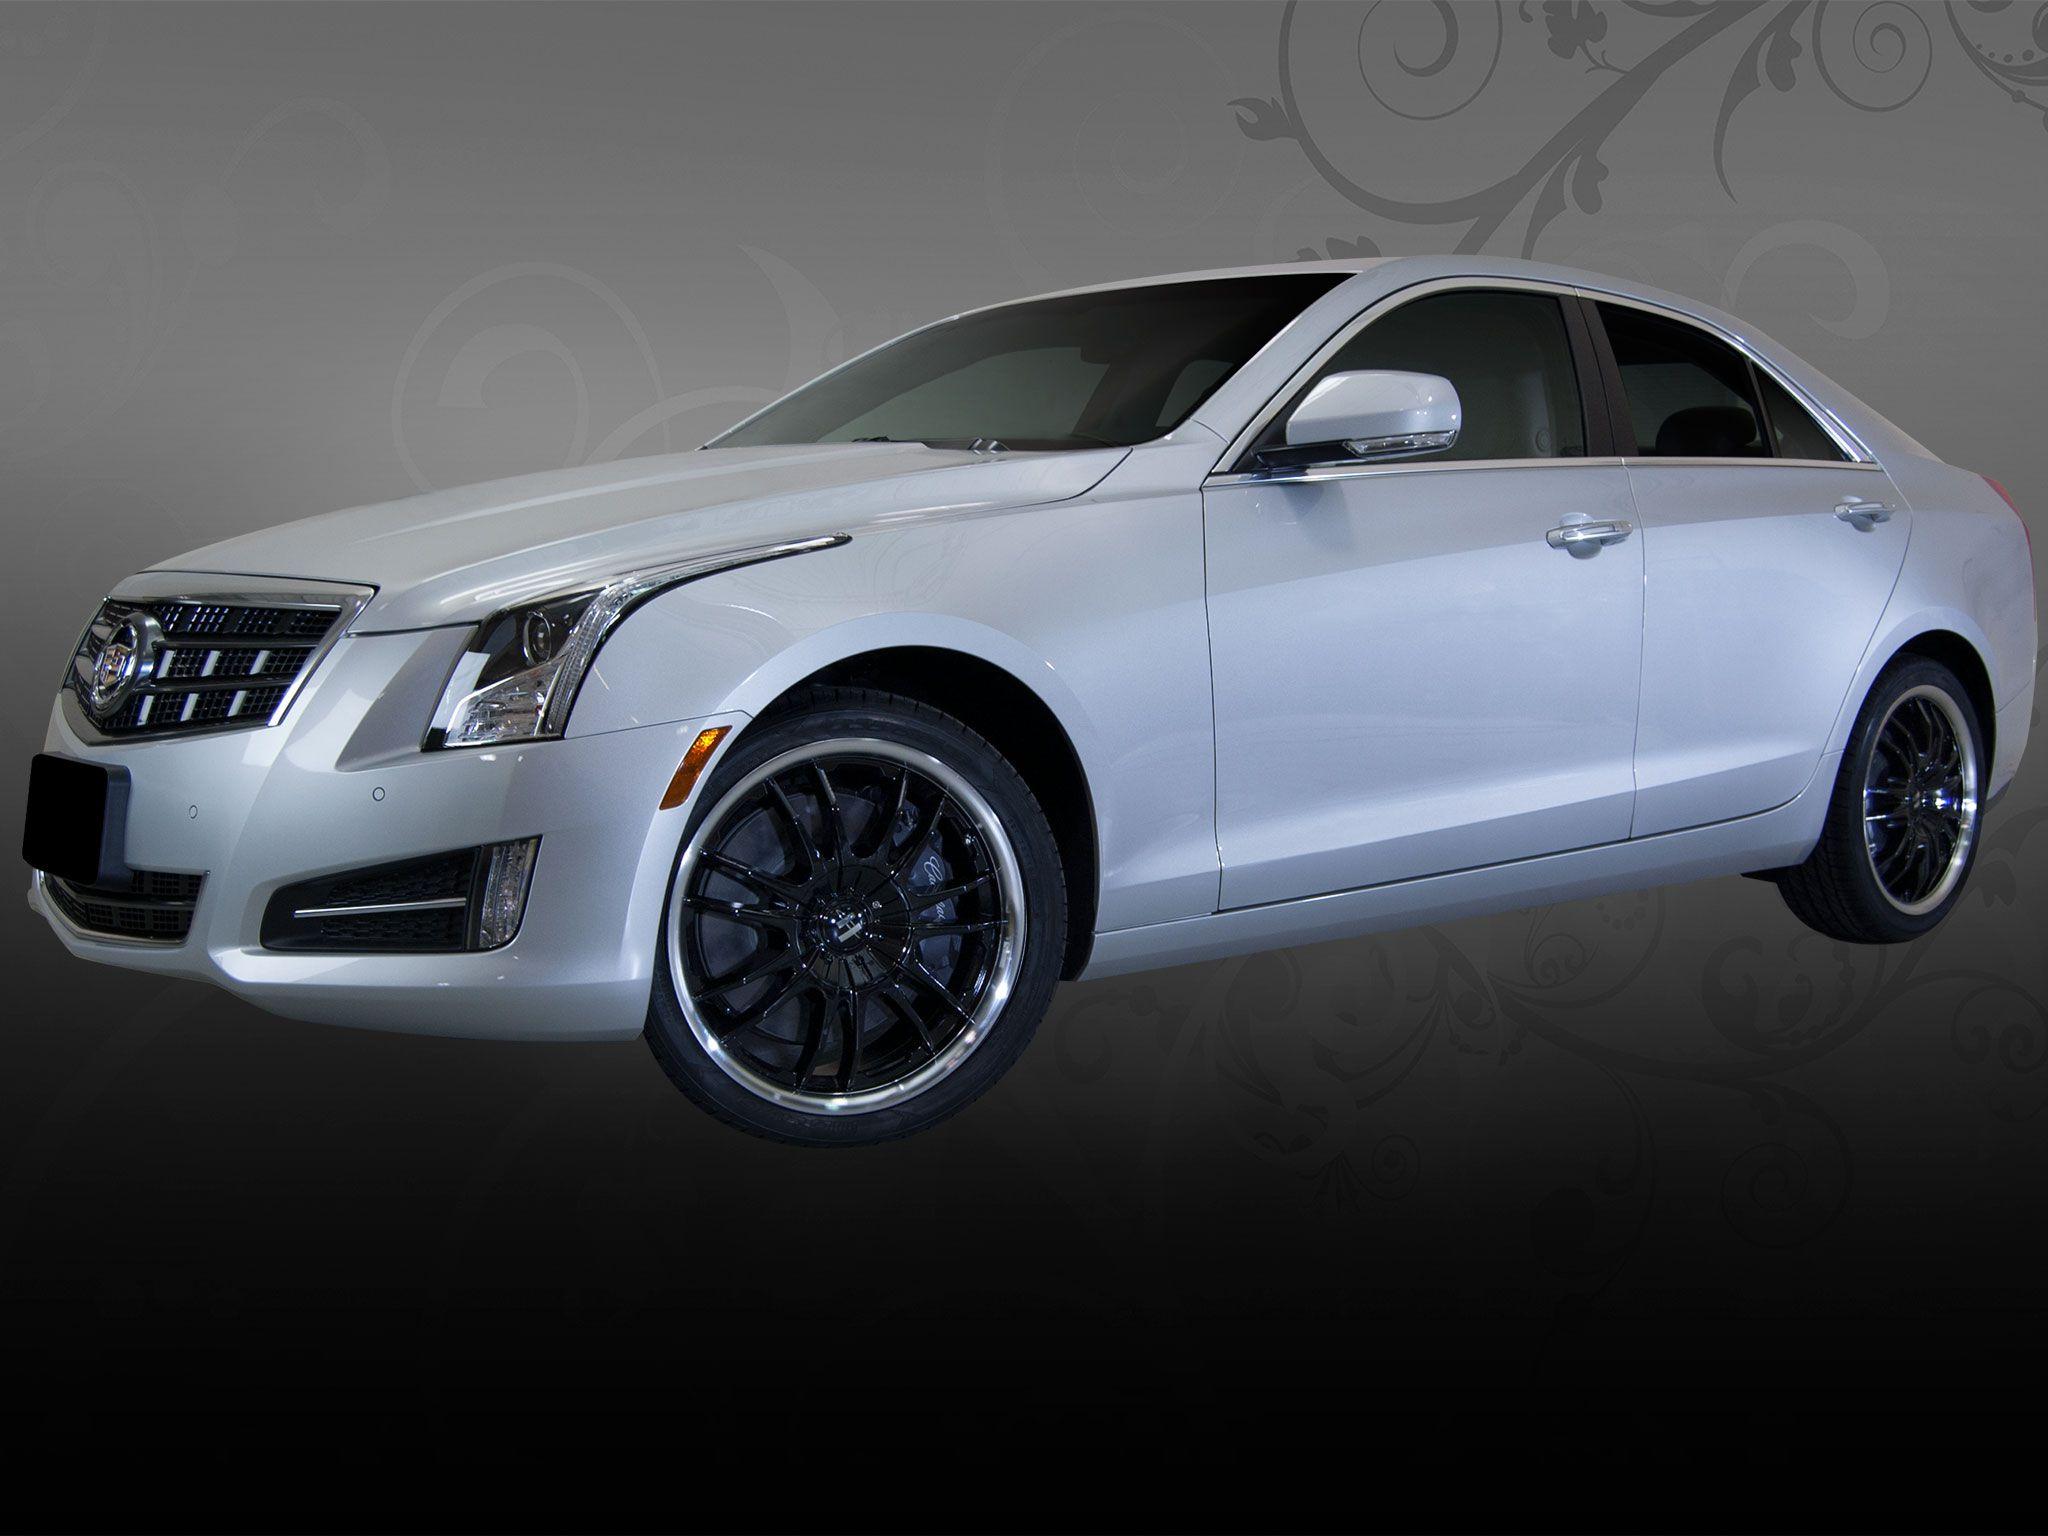 Cadillac Xts Custom Rims Cadillac Ats With Custom Helo Black